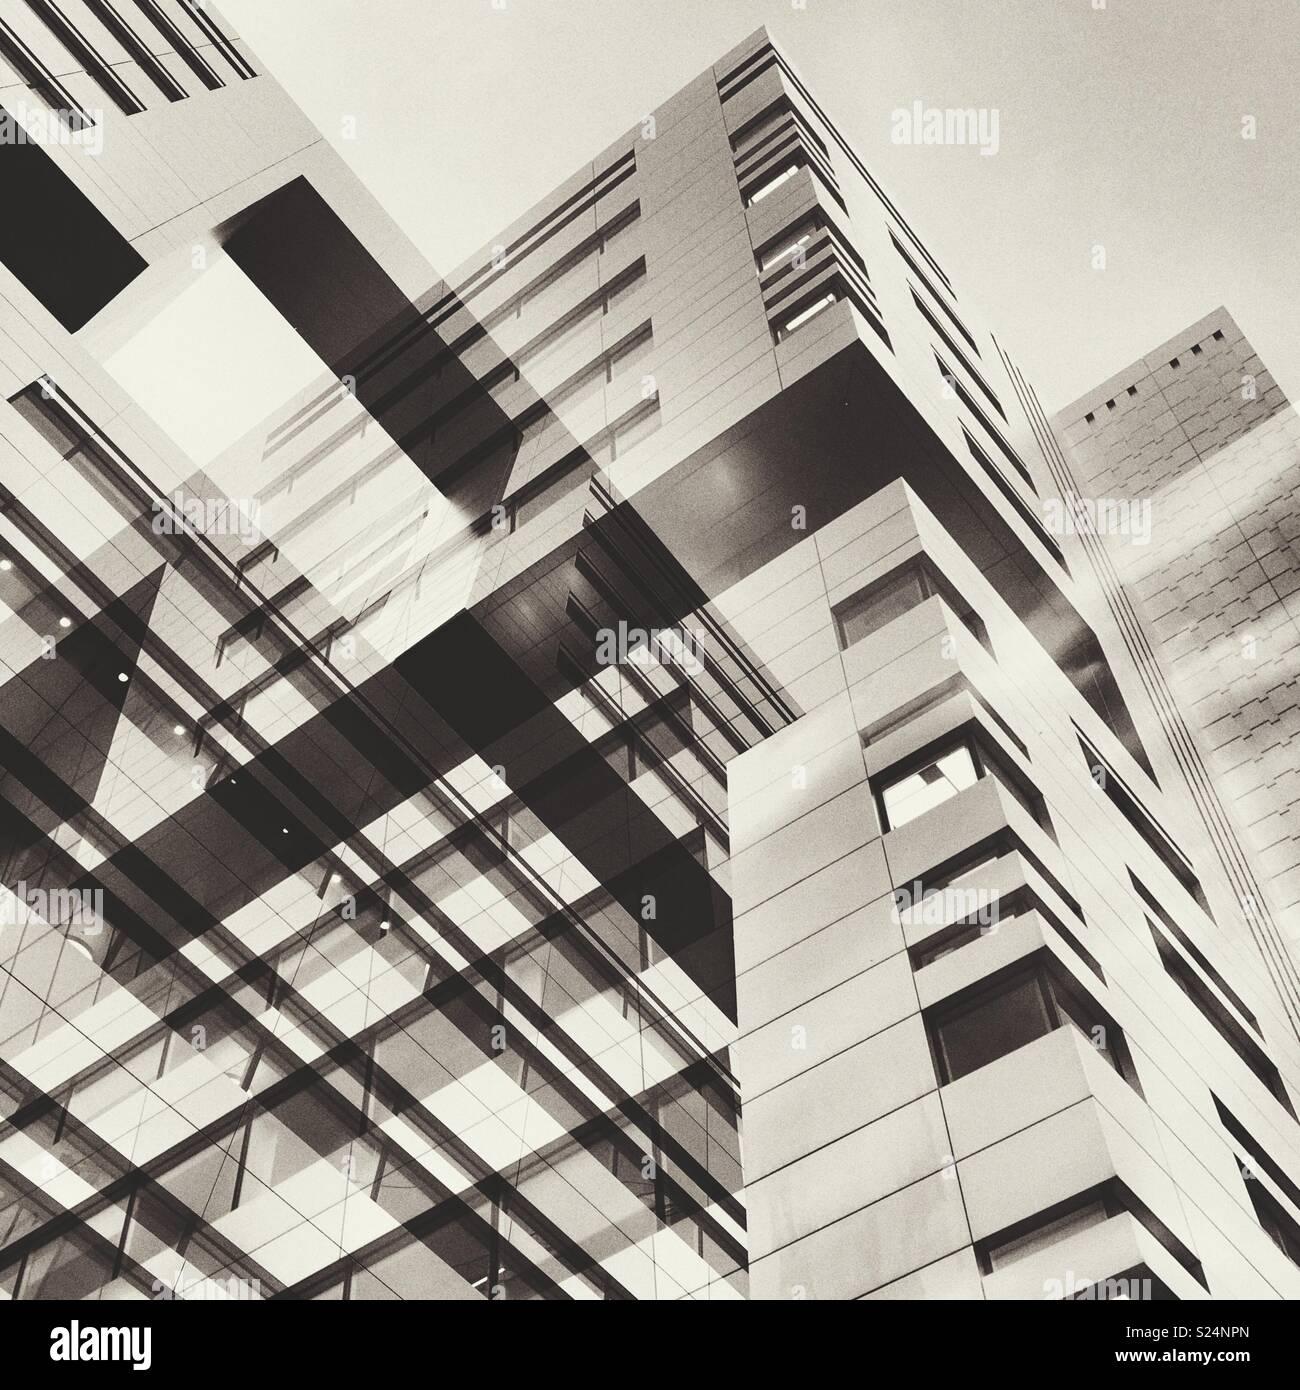 Zusammenfassung der städtischen Gebäude Stockbild